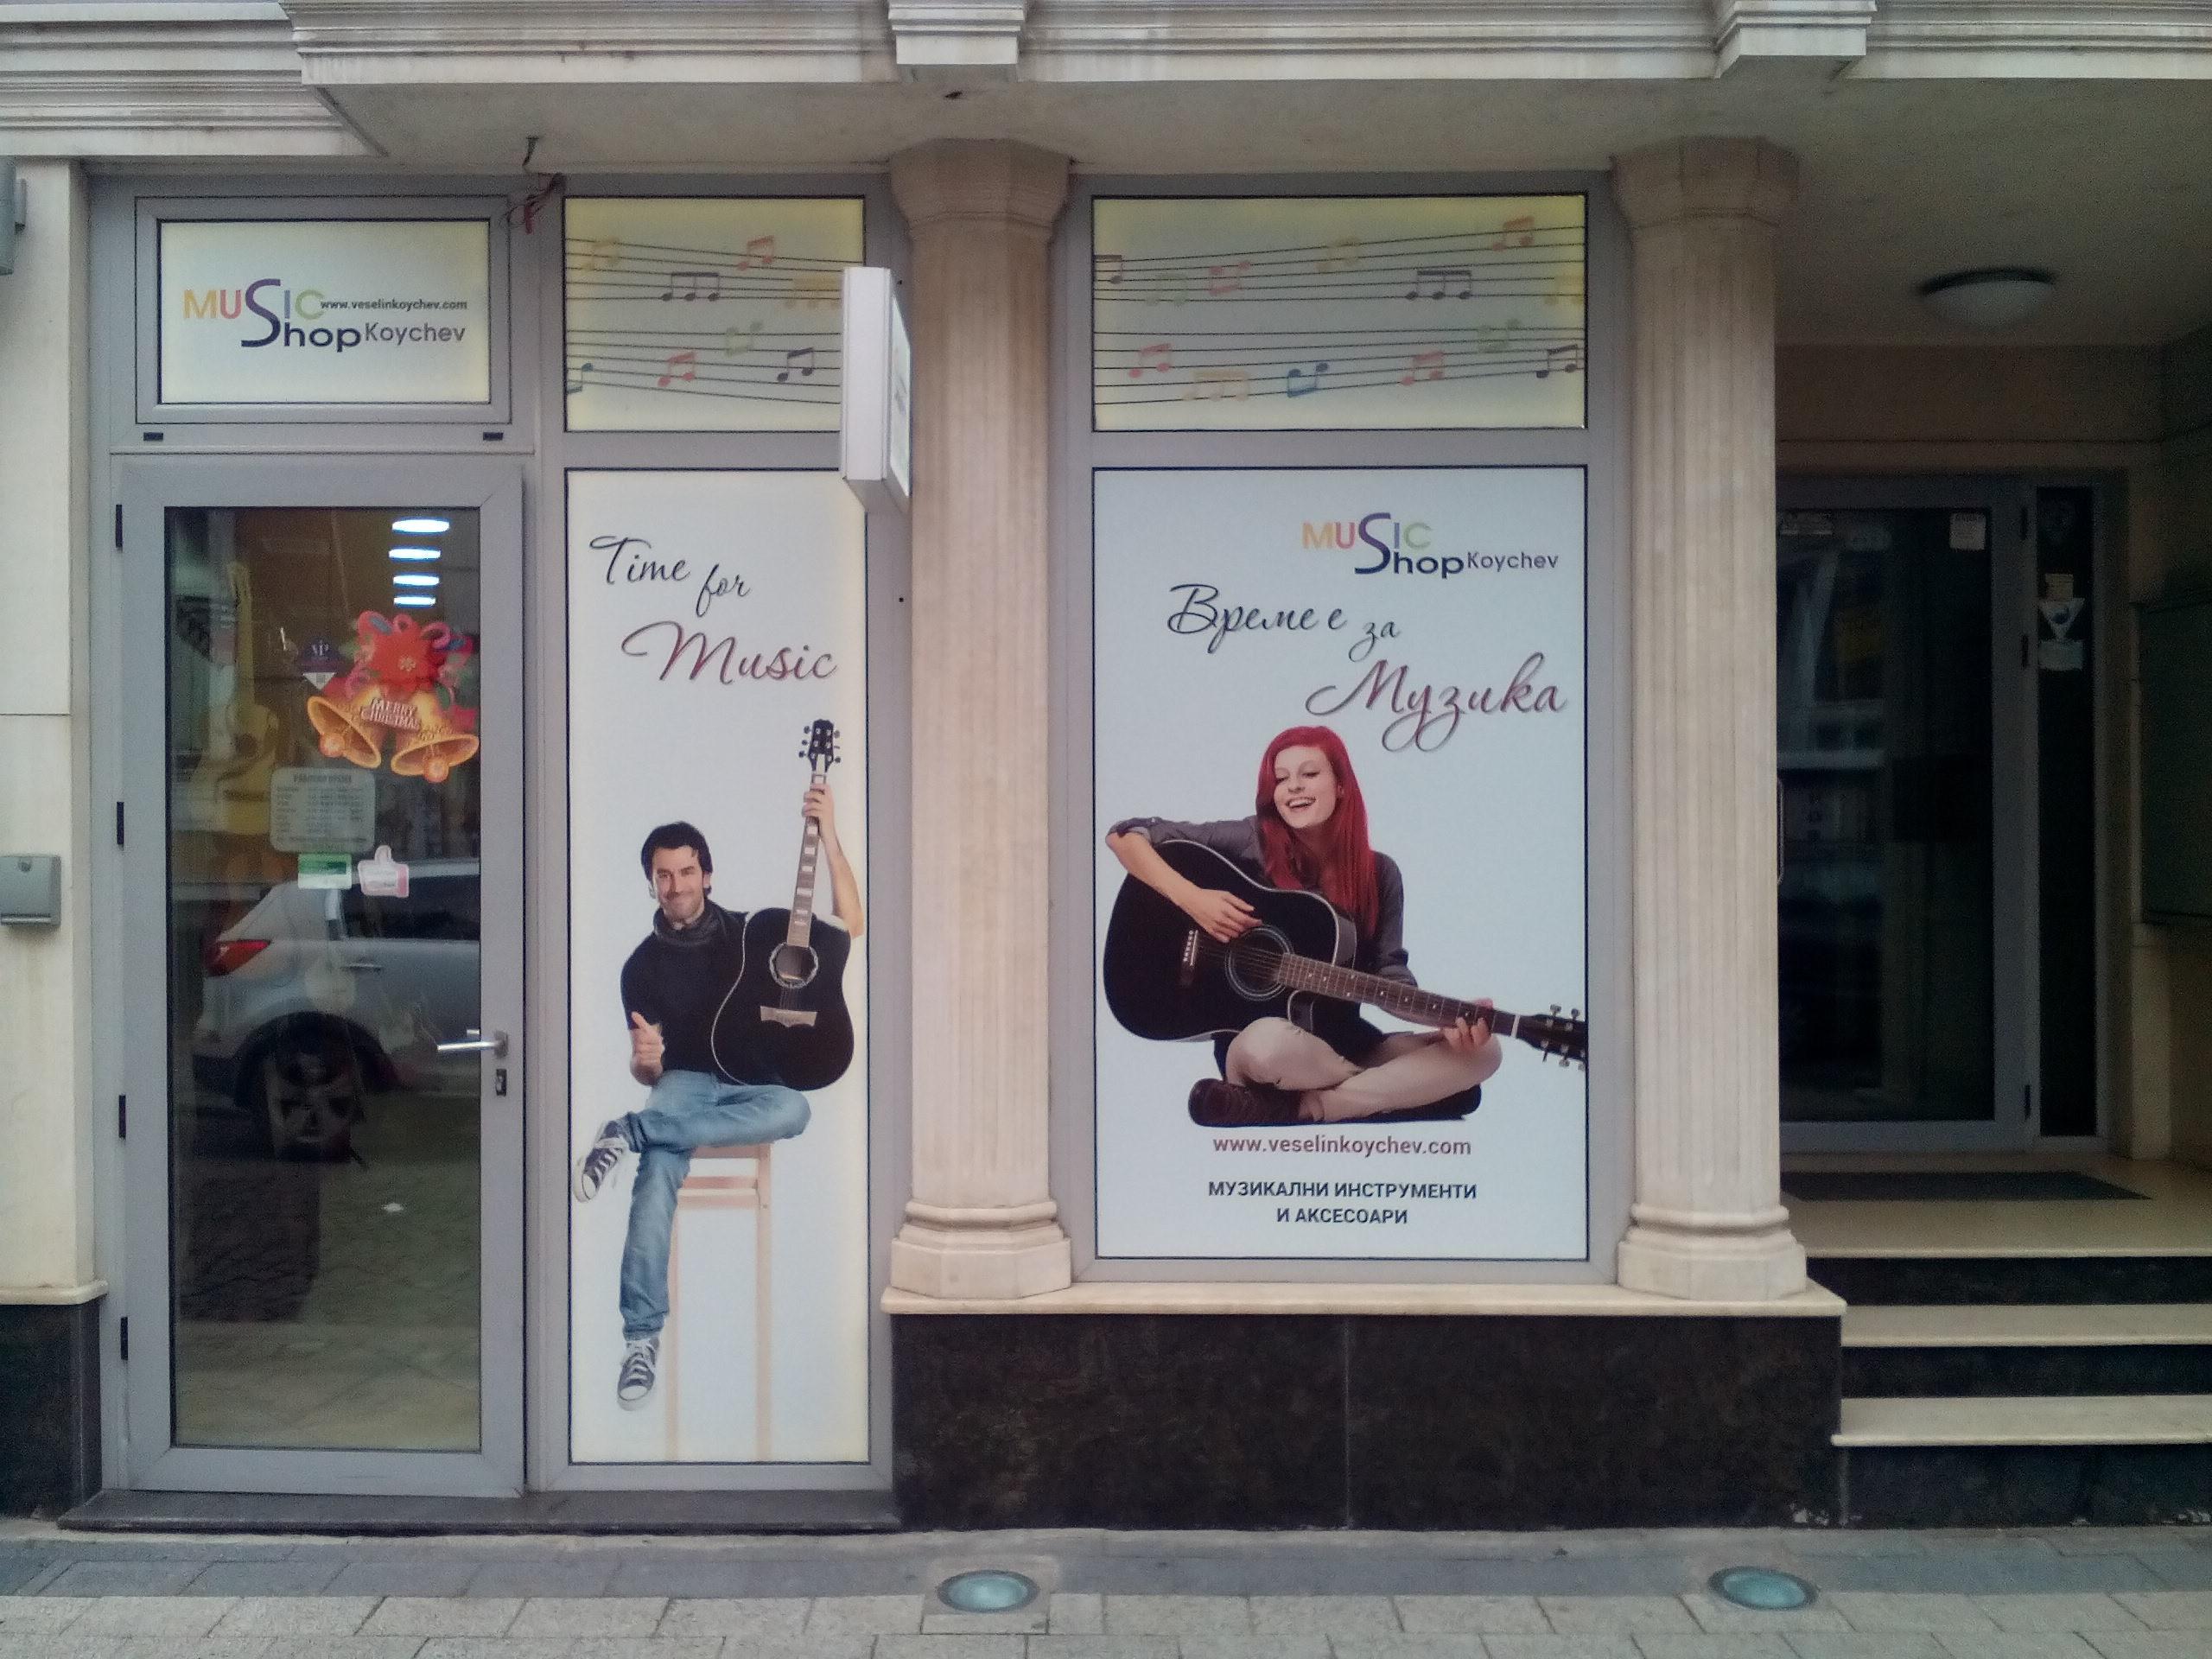 Нашият магазин е в Пловдив, Опълченска 24